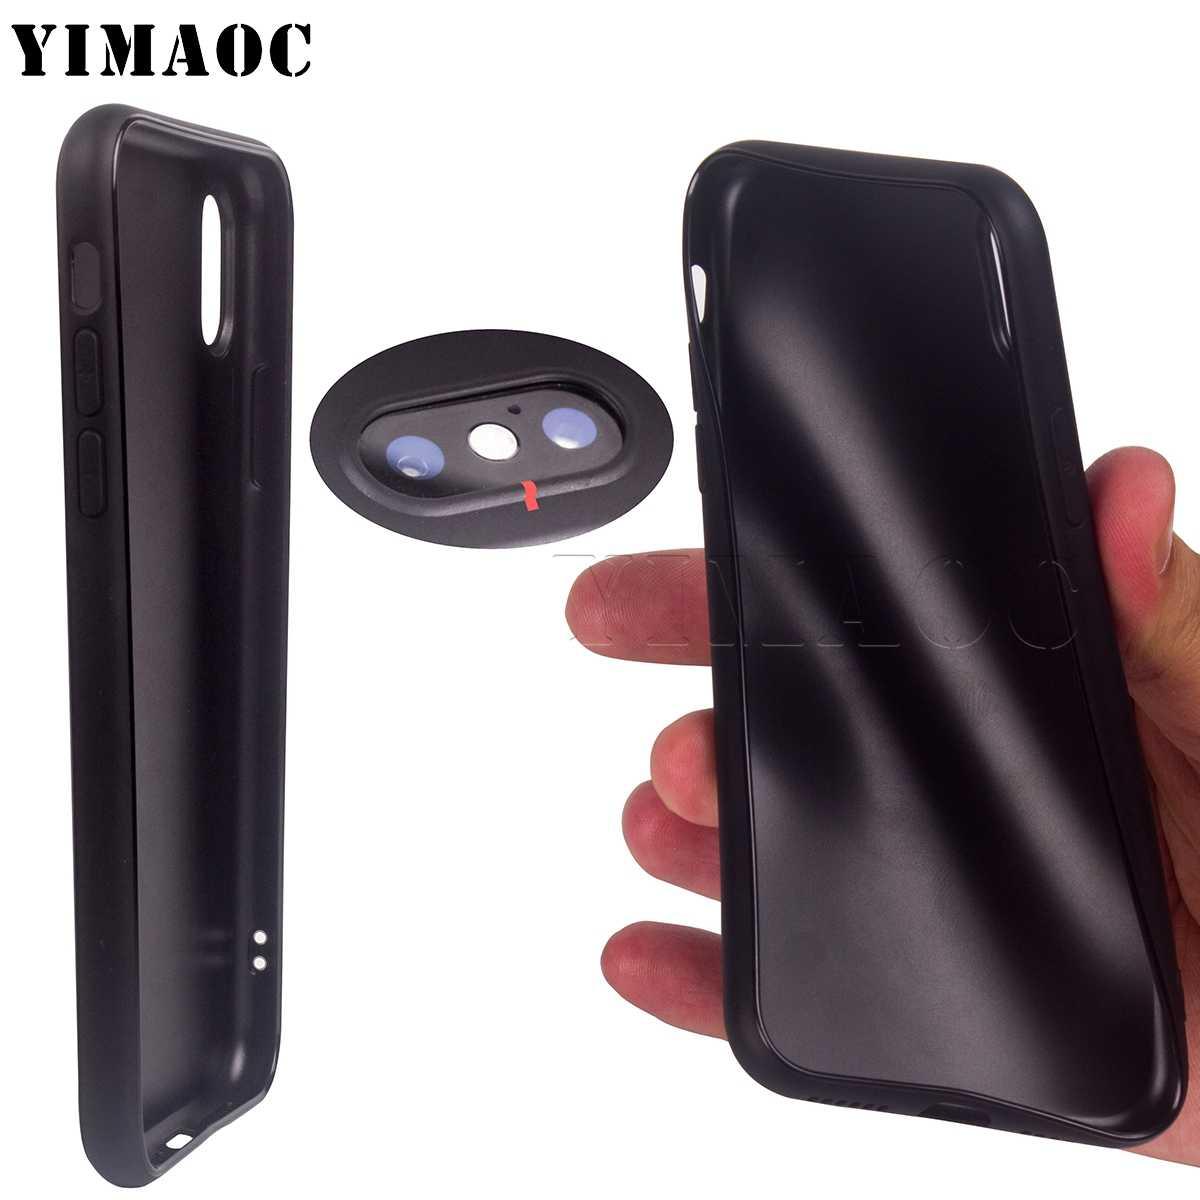 YIMAOC kabus önce noel kılıf Xiaomi Redmi için not MAX 3 6a 7 6 8 9 se 6 8 a1 a2 Lite 8A f1